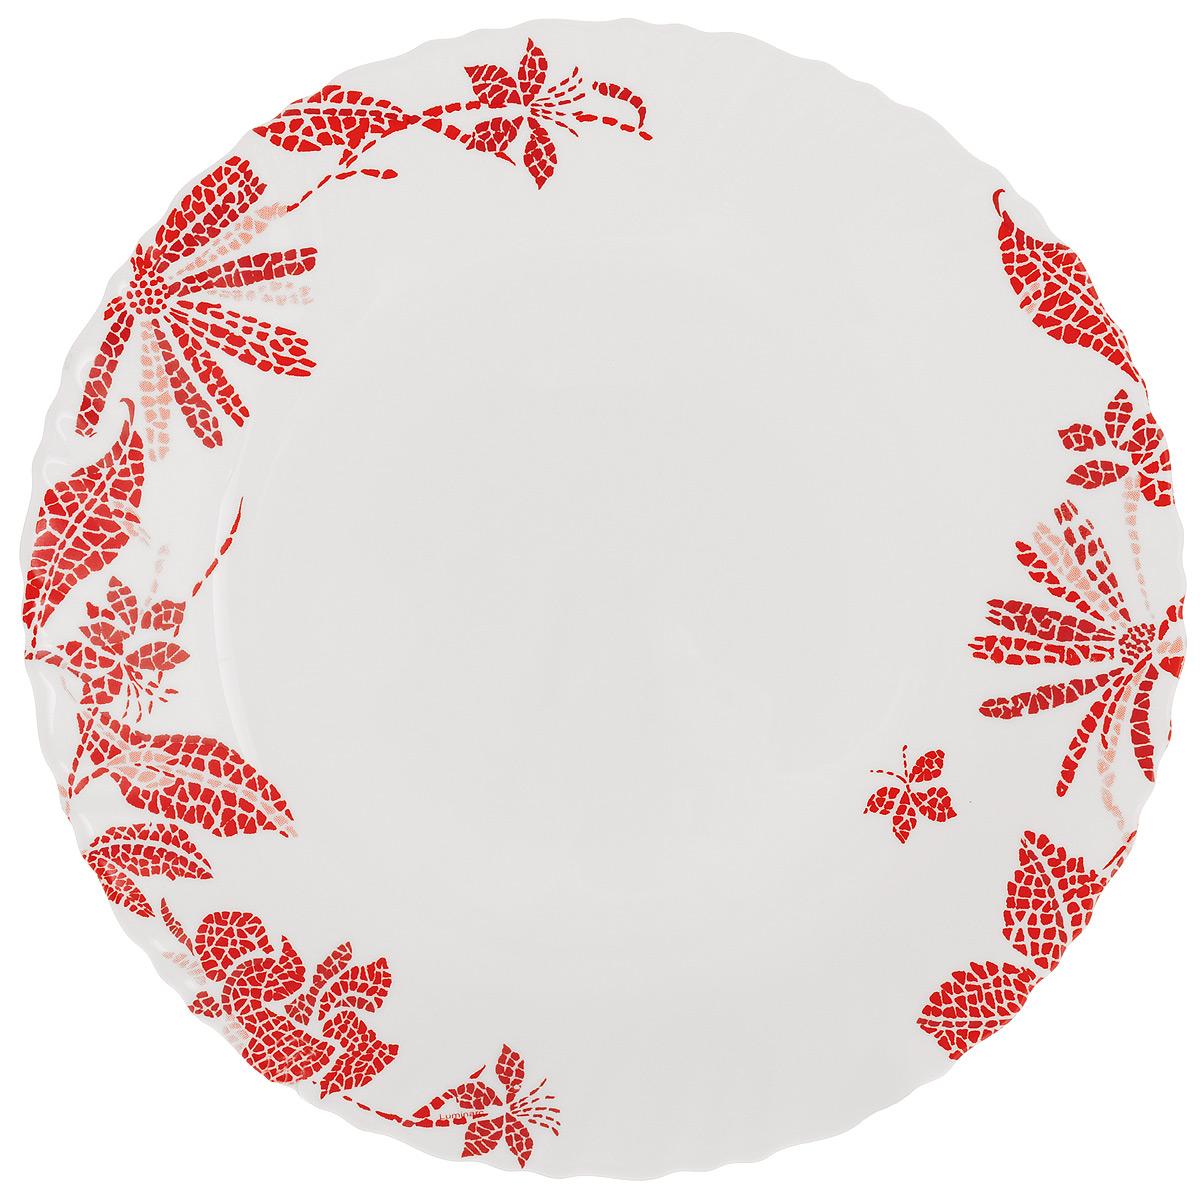 Тарелка обеденная Luminarc Romancia, диаметр 25 смH2393Обеденная тарелка Luminarc Romancia, изготовленная из высококачественного стекла, имеет изысканный внешний вид. Яркий дизайн придется по вкусу и ценителям классики, и тем, кто предпочитает утонченность. Тарелка Luminarc Romancia идеально подойдет для сервировки стола и станет отличным подарком к любому празднику.Диаметр (по верхнему краю): 25 см.